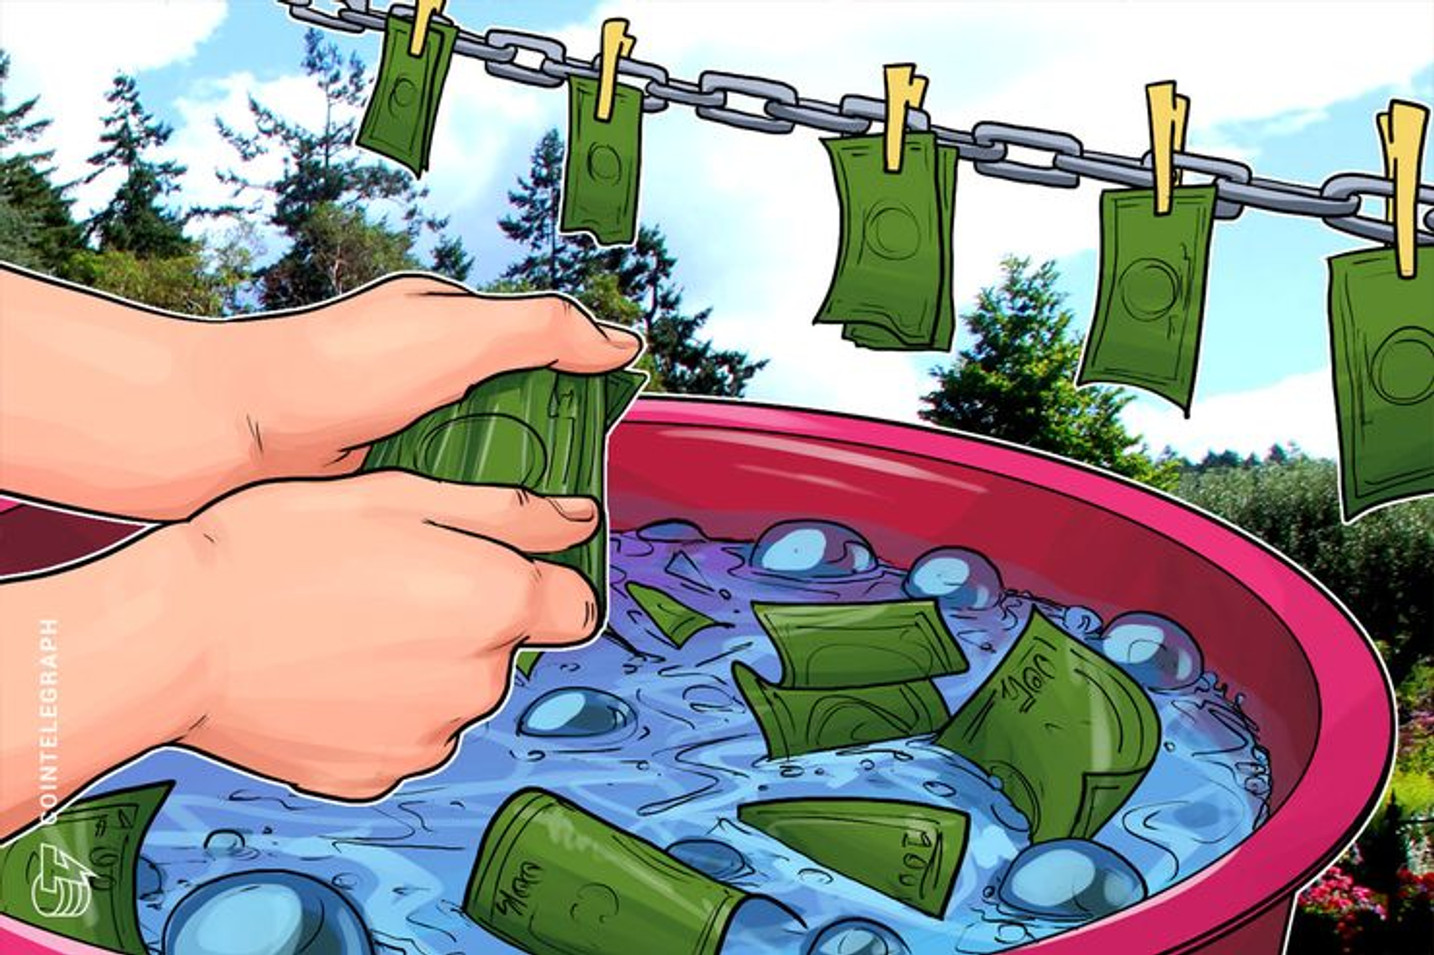 アンチ仮想通貨のノルデア銀行 マネーロンダリング関与疑われる